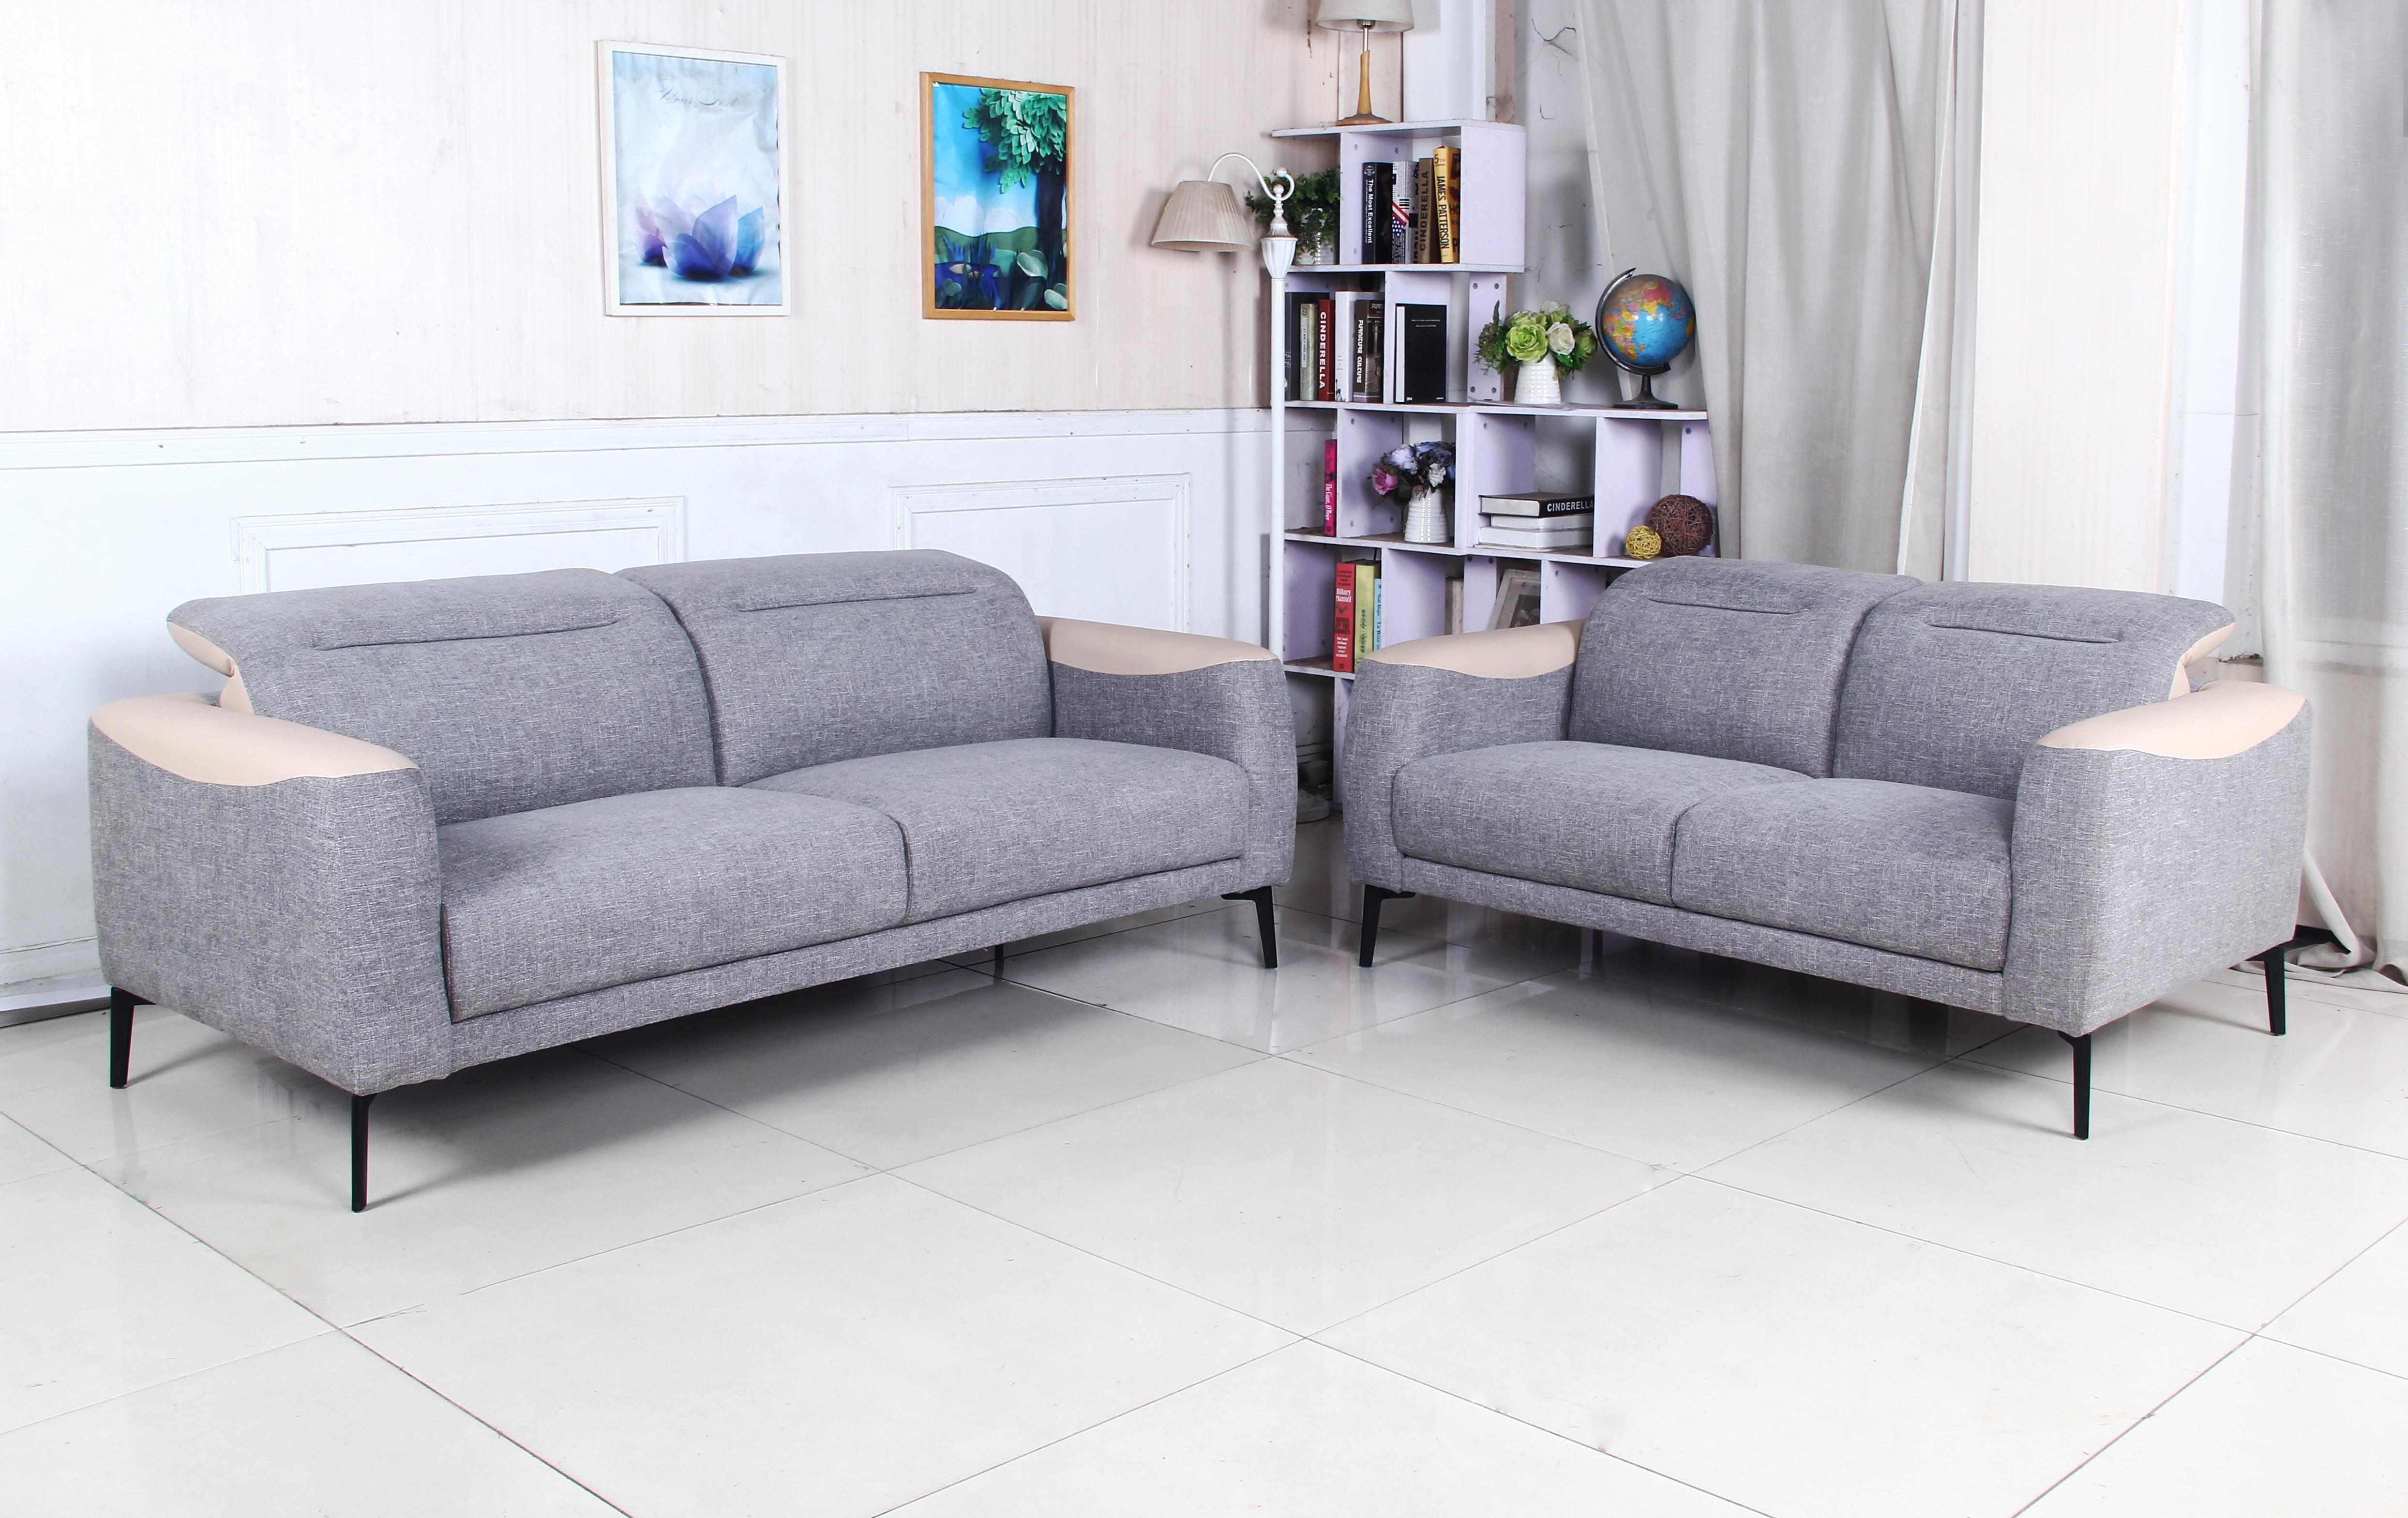 ספה דו מושבית קטנה